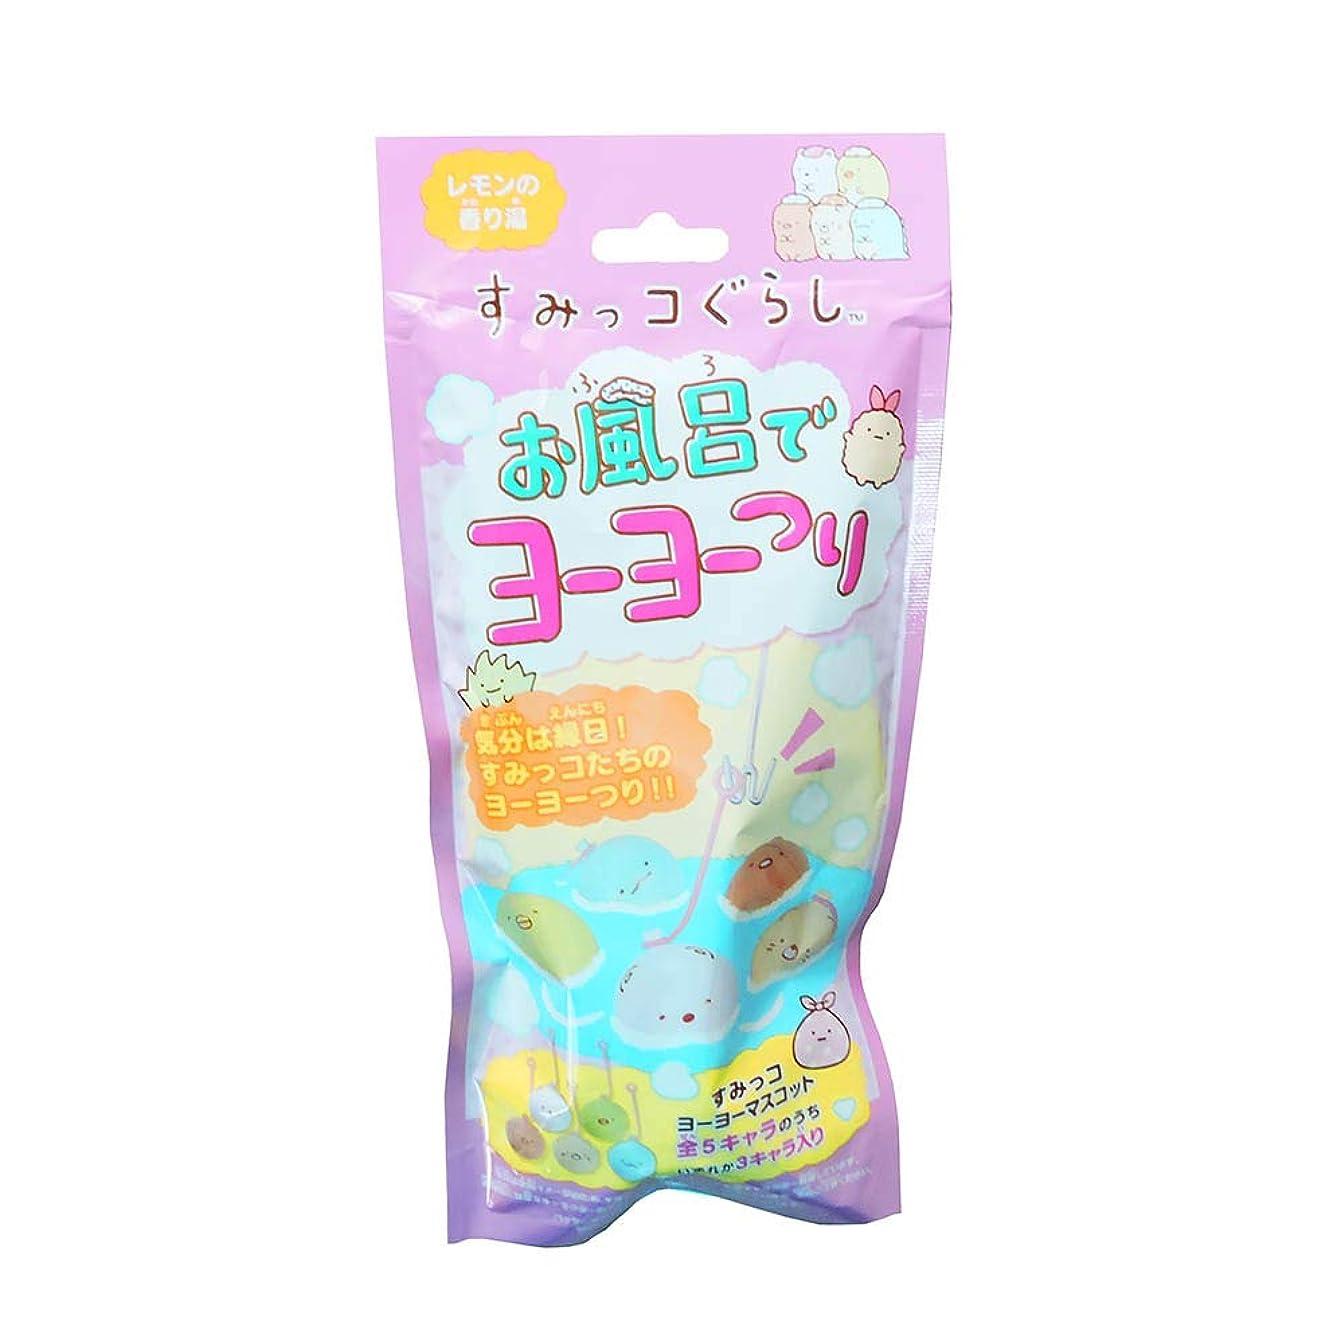 一月気難しいベールすみっコぐらし お風呂でヨーヨーつり レモンの香り湯 25g(1包)